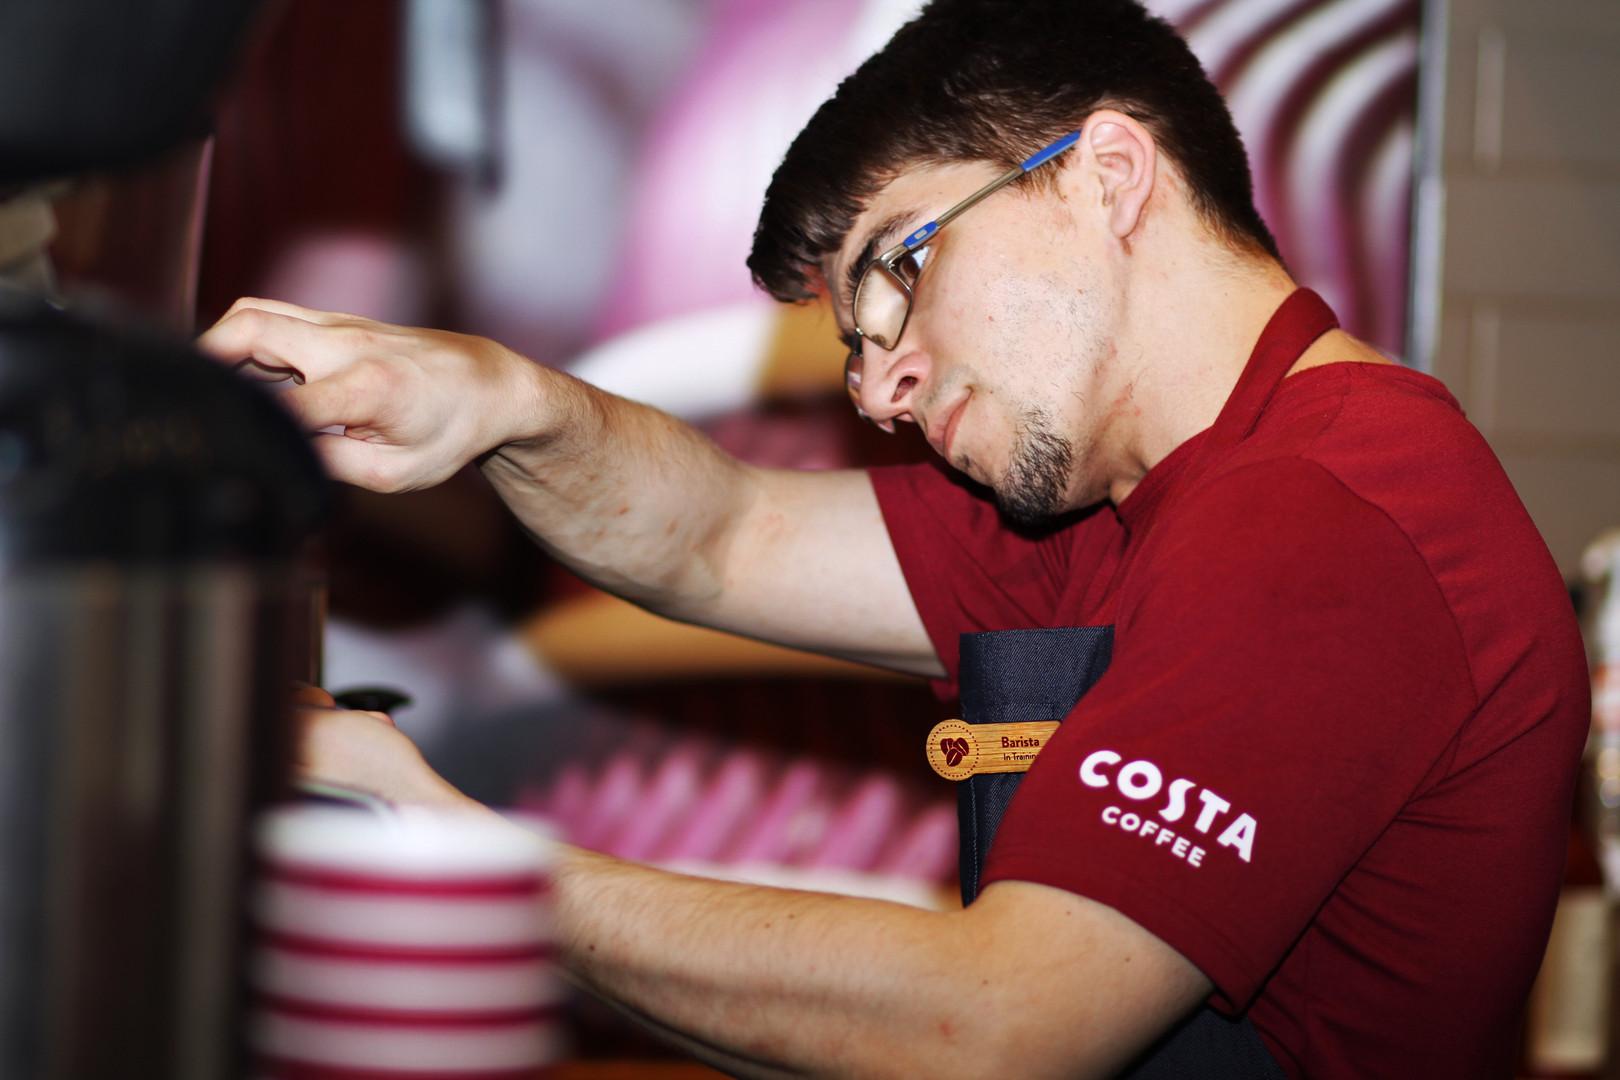 Costa (for Badgemaster)